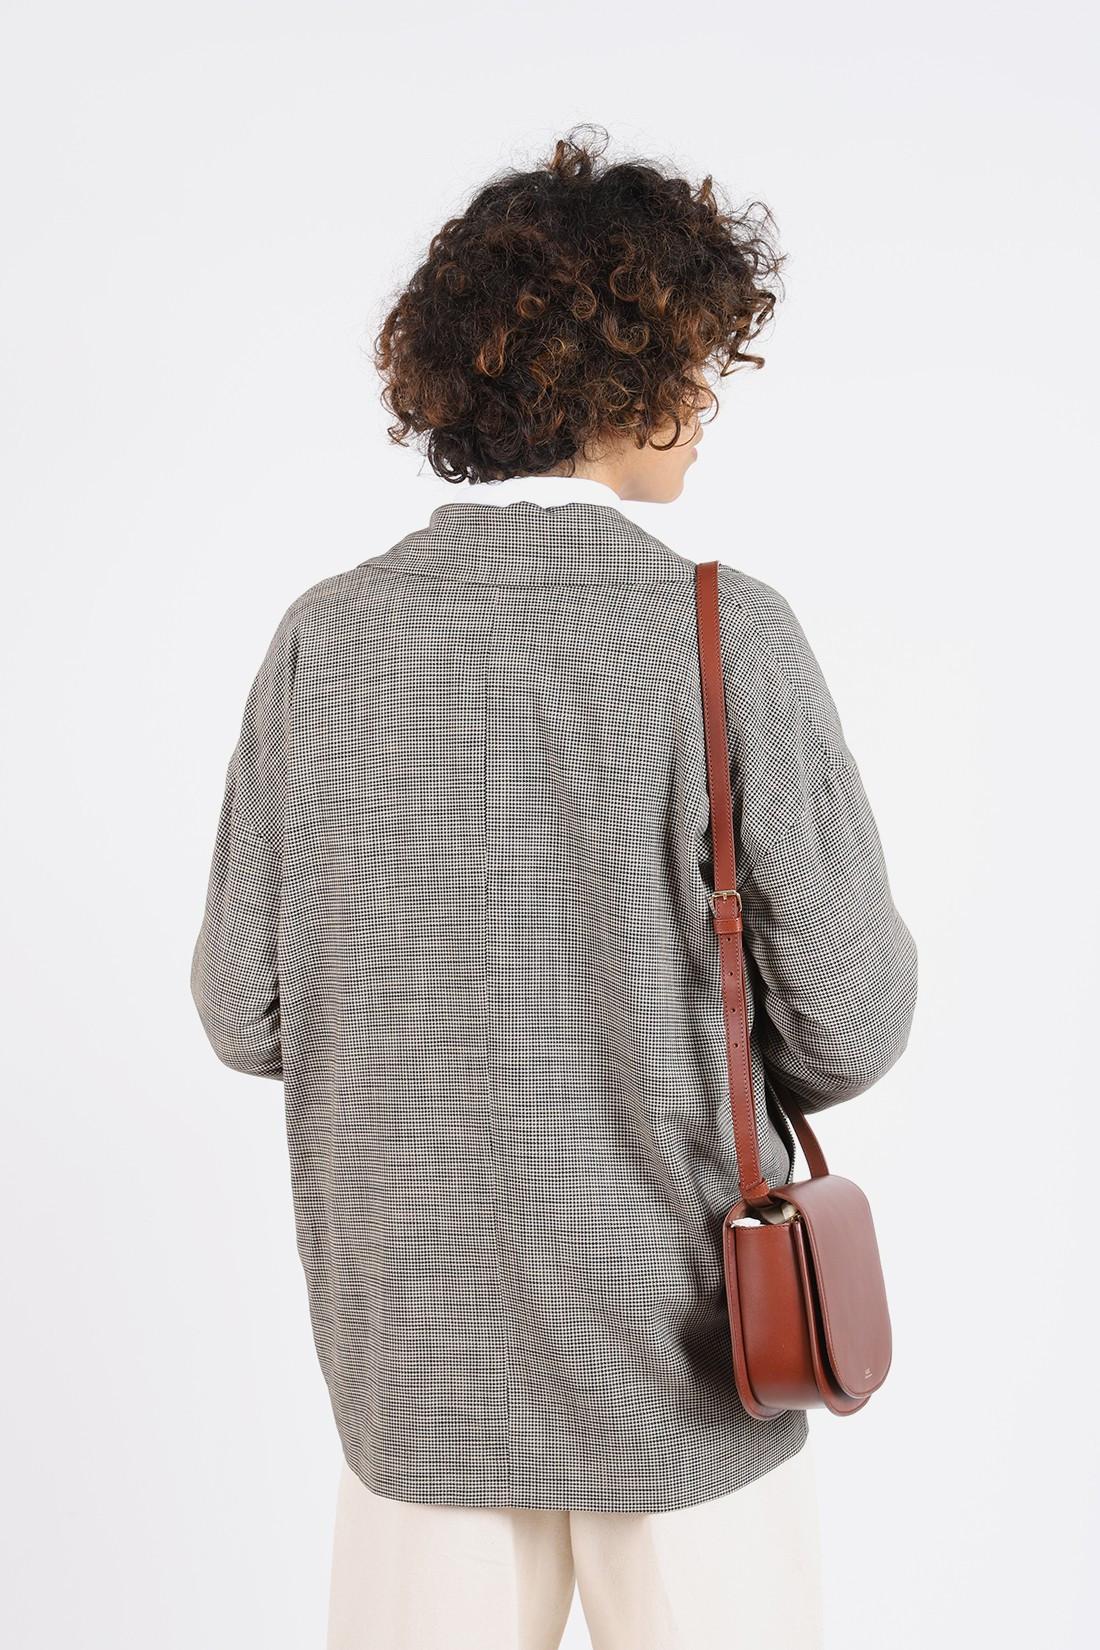 BELLEROSE FOR WOMAN / Blazer vedder Display a